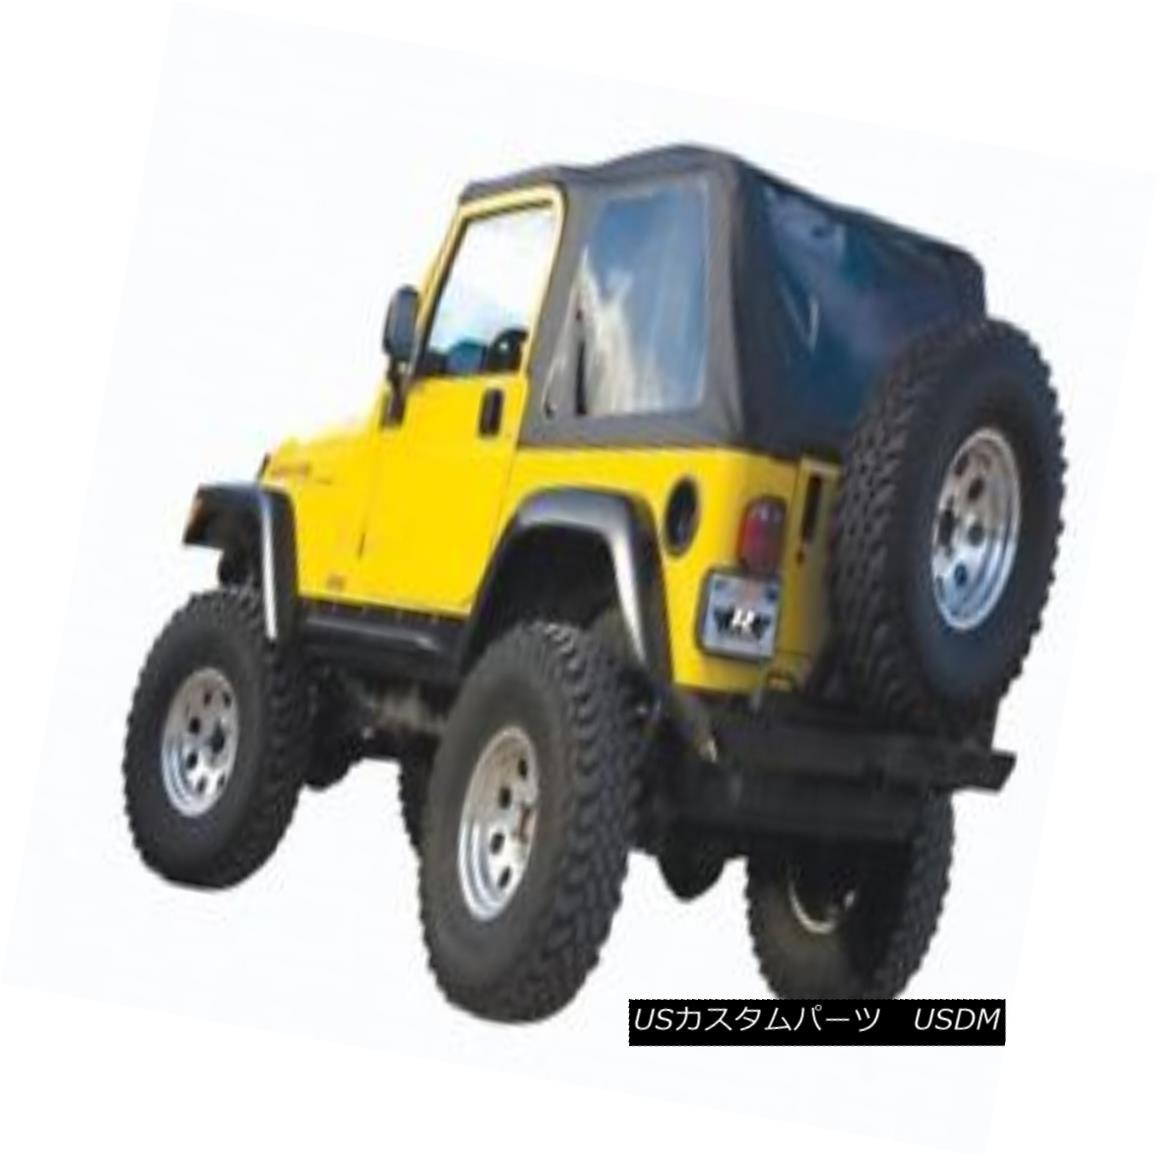 幌・ソフトトップ Rampage 109635 Frameless Soft Top Kit Black Diamond & Tint 2004-2006 LJ Wrangler ランペイジ109635フレームレスソフトトップキットブラックダイヤモンド& Tint 2004-2006 LJ Wrangler